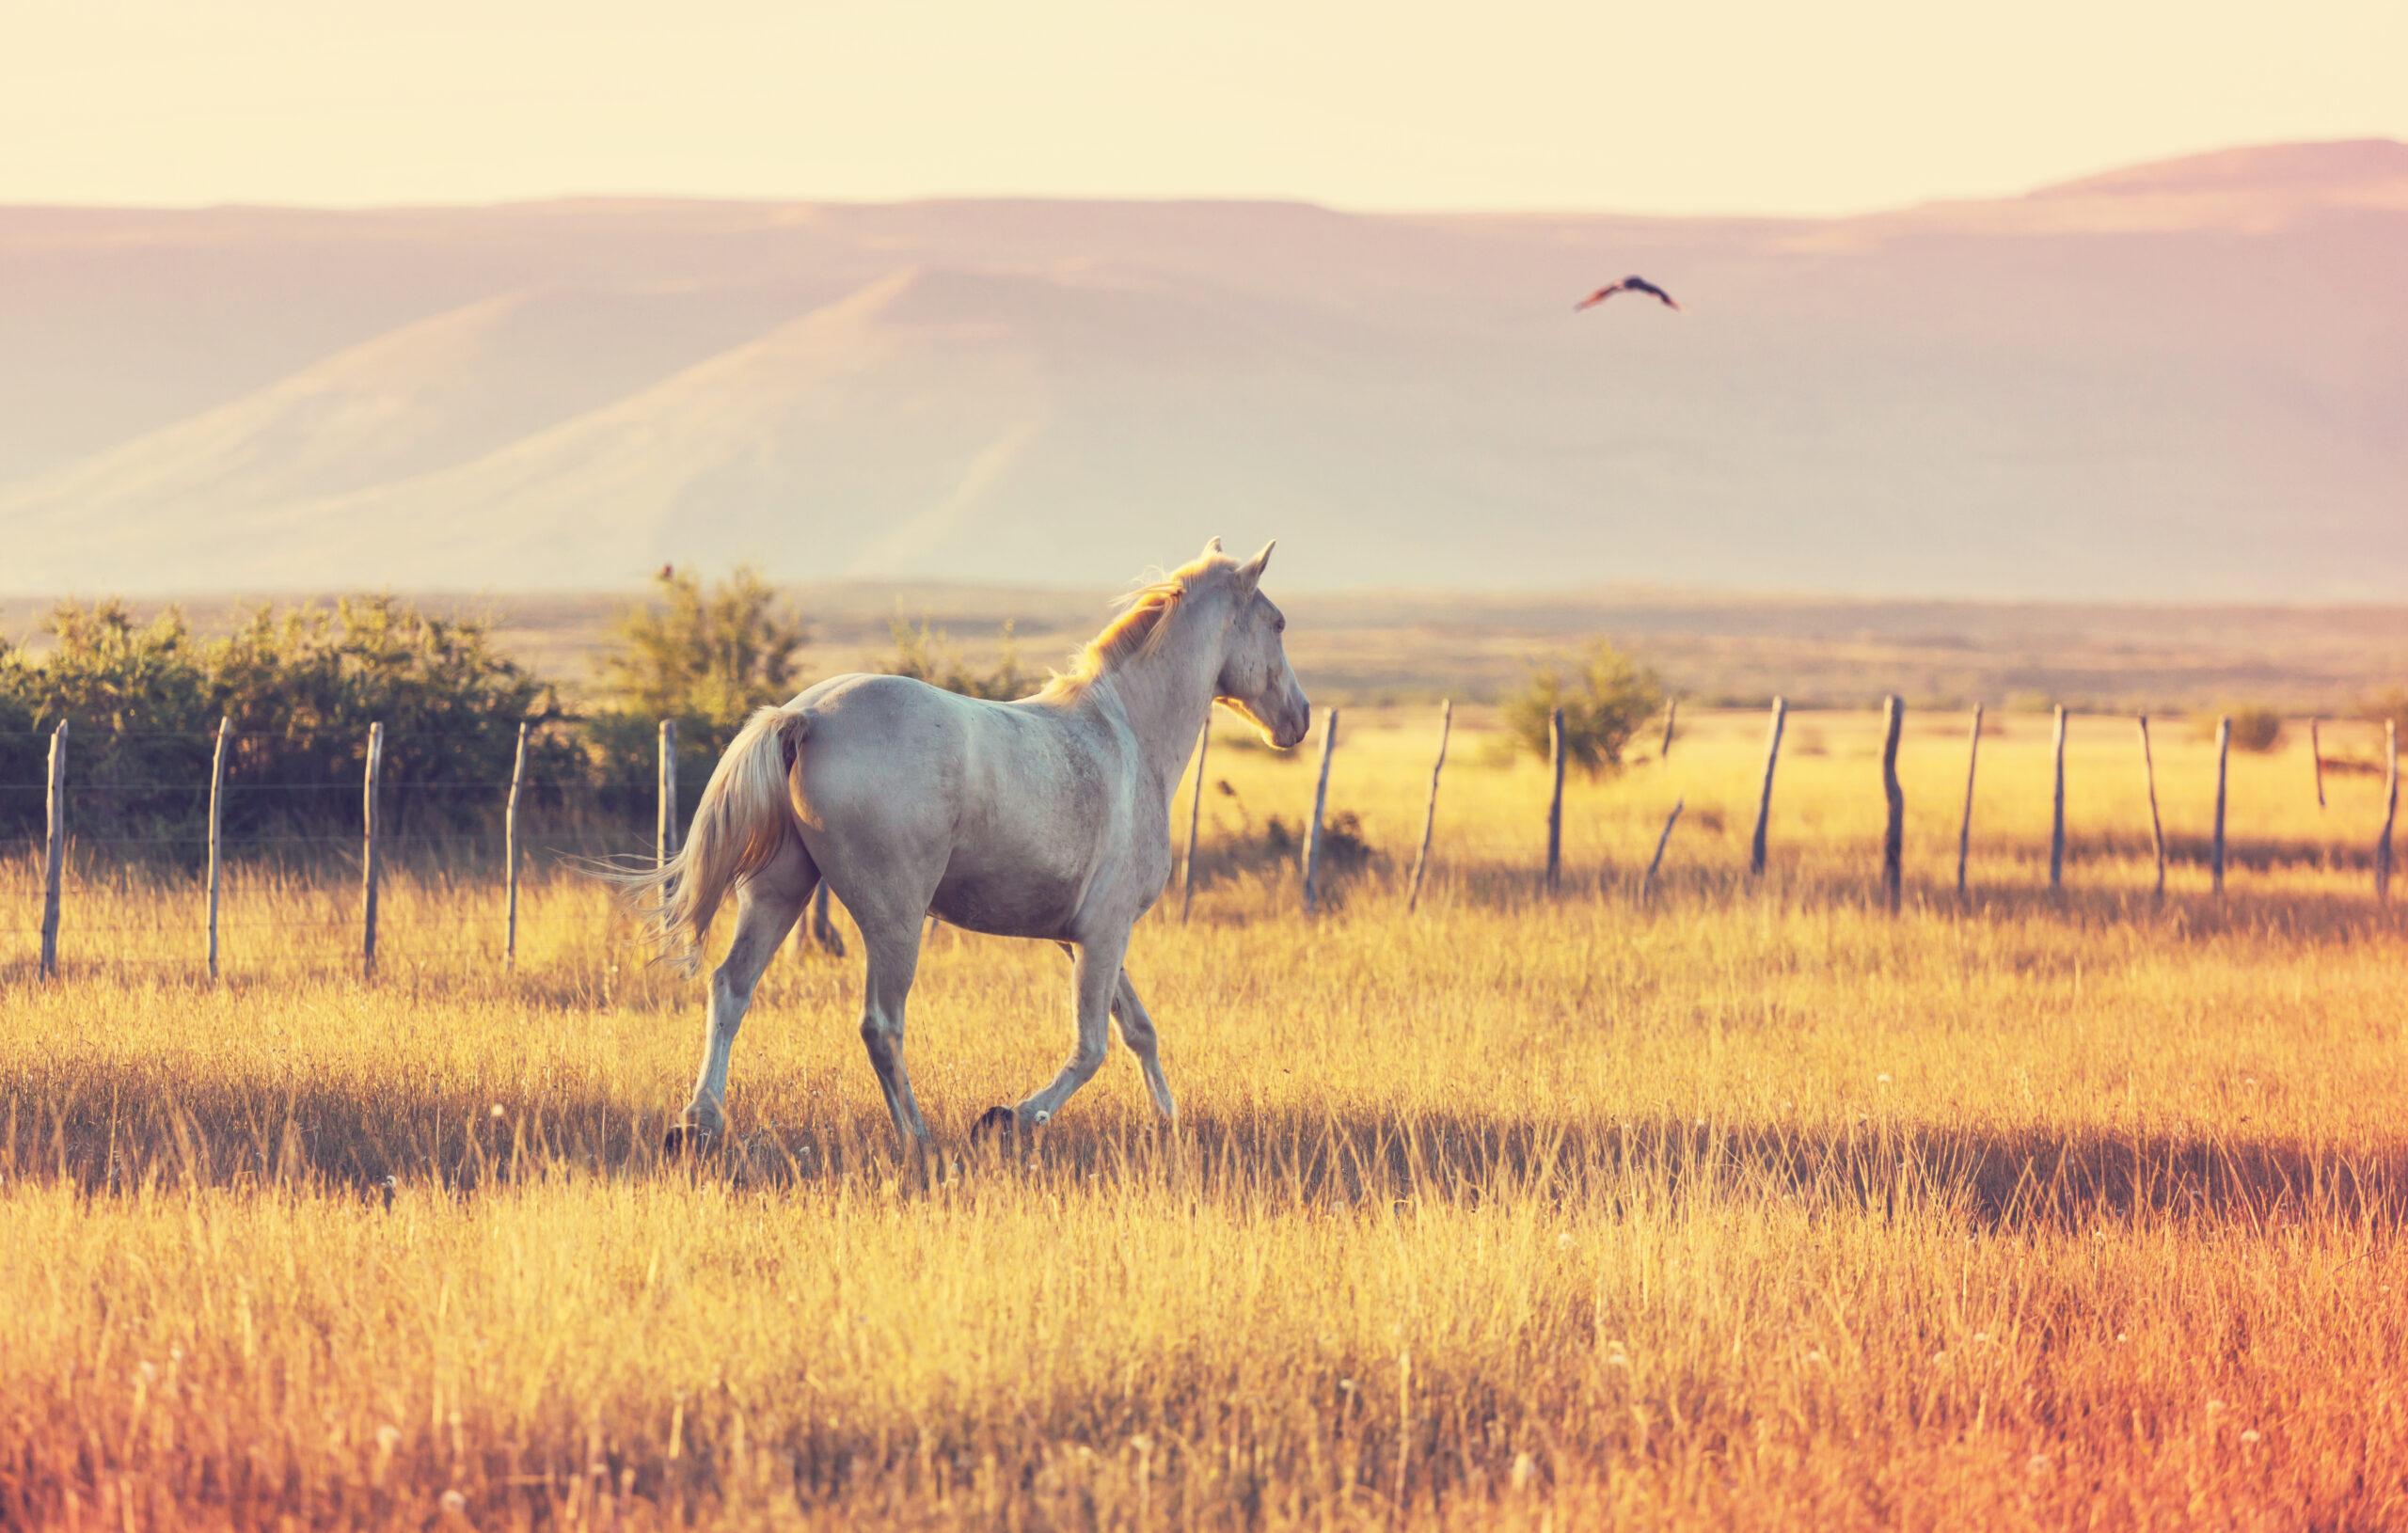 cavalo no campo com pelos brilhando